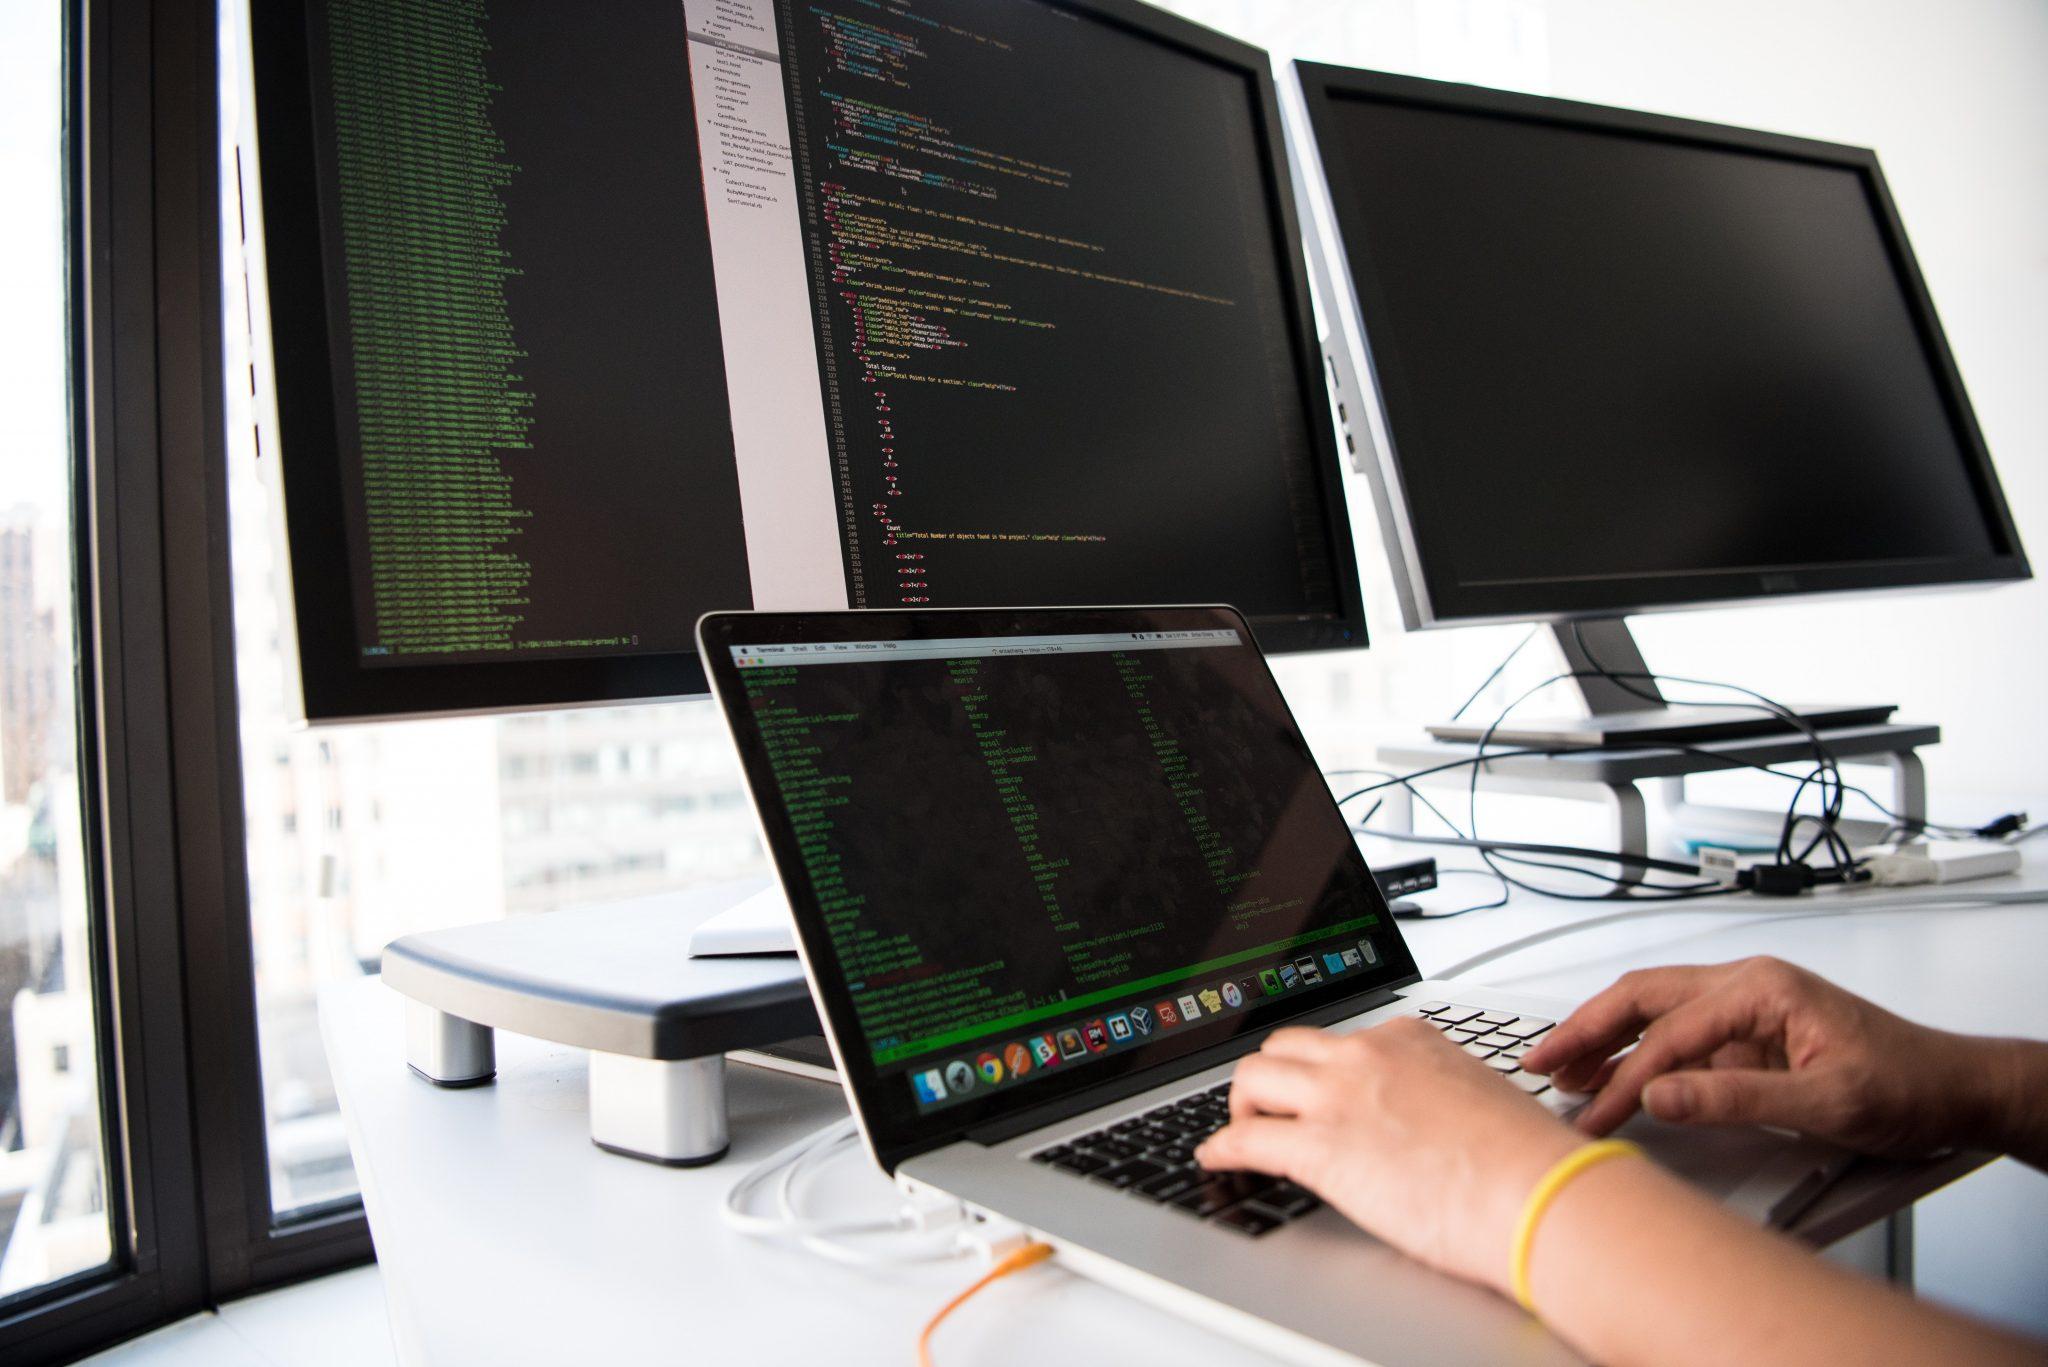 LA VEILLE TECHNOLOGIQUE : UN EXERCICE JAMAIS DÉPASSÉ